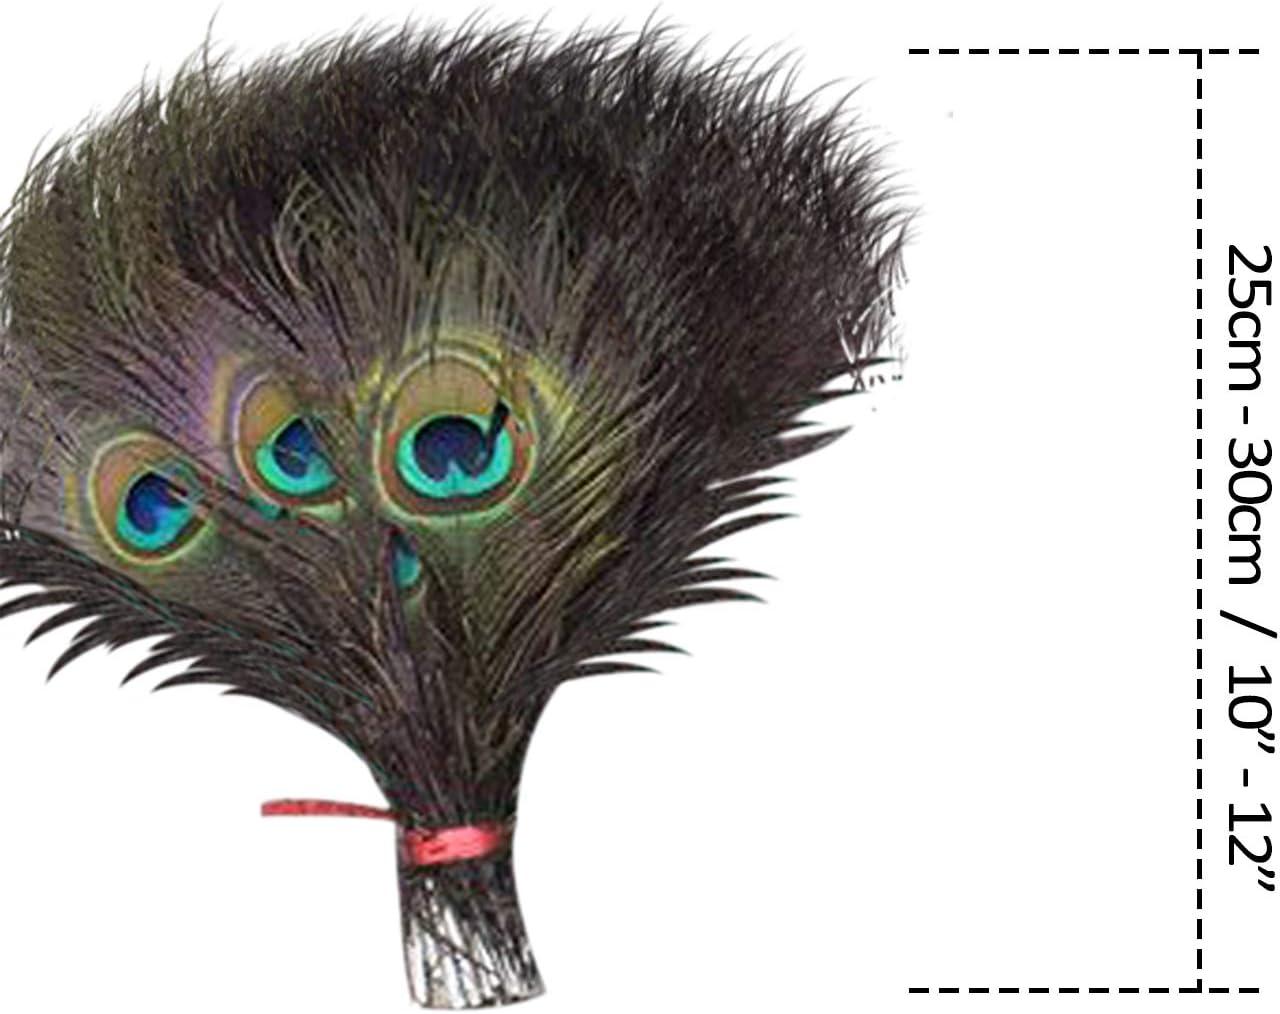 10pcs Bricolaje Arte y Artesan/ía 15-18 Medio Trimming Shop Real Pluma de Pavo Real P/ájaro Cola Colorido Plumas Paquete para Boda Navidad Fiesta Centro Decoraci/ón